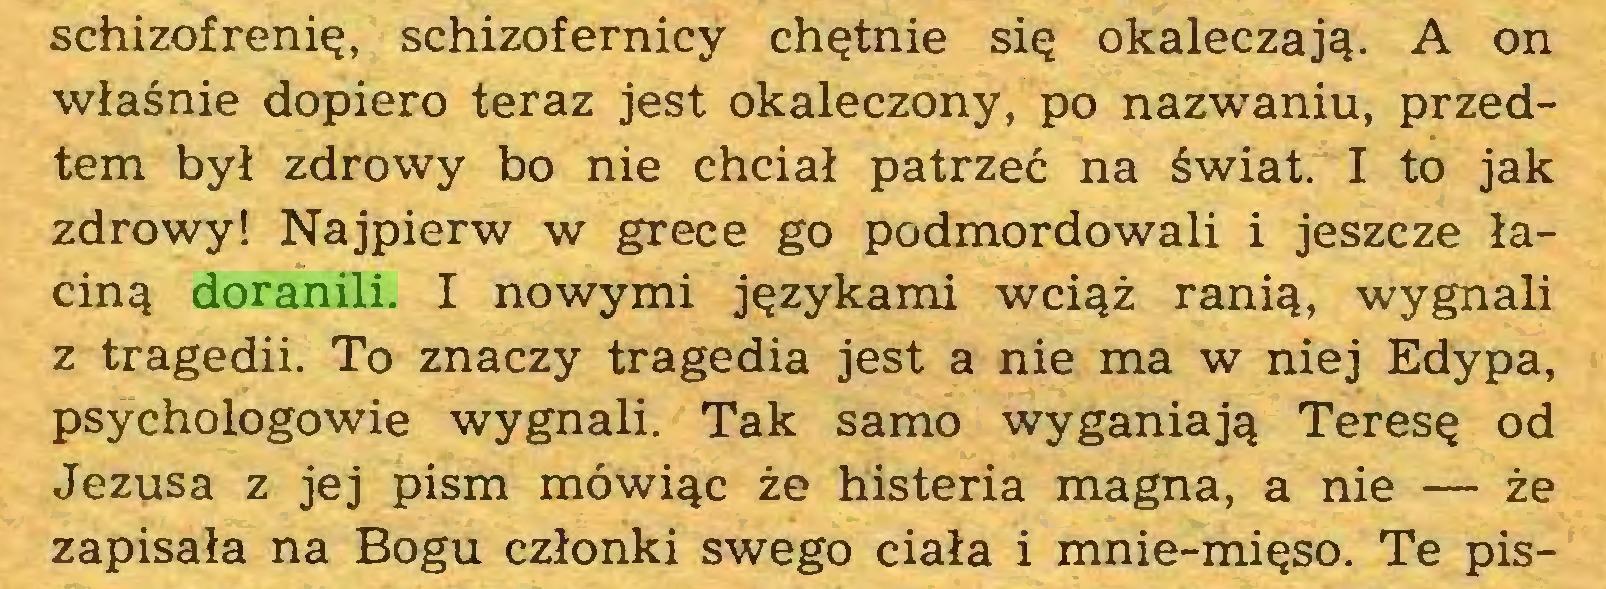 (...) schizofrenię, schizofernicy chętnie się okaleczają. A on właśnie dopiero teraz jest okaleczony, po nazwaniu, przedtem był zdrowy bo nie chciał patrzeć na świat. I to jak zdrowy! Najpierw w grece go podmordowali i jeszcze łaciną doranili. I nowymi językami wciąż ranią, wygnali z tragedii. To znaczy tragedia jest a nie ma w niej Edypa, psychologowie wygnali. Tak samo wyganiają Teresę od Jezusa z jej pism mówiąc że histeria magna, a nie — że zapisała na Bogu członki swego ciała i mnie-mięso. Te pis...